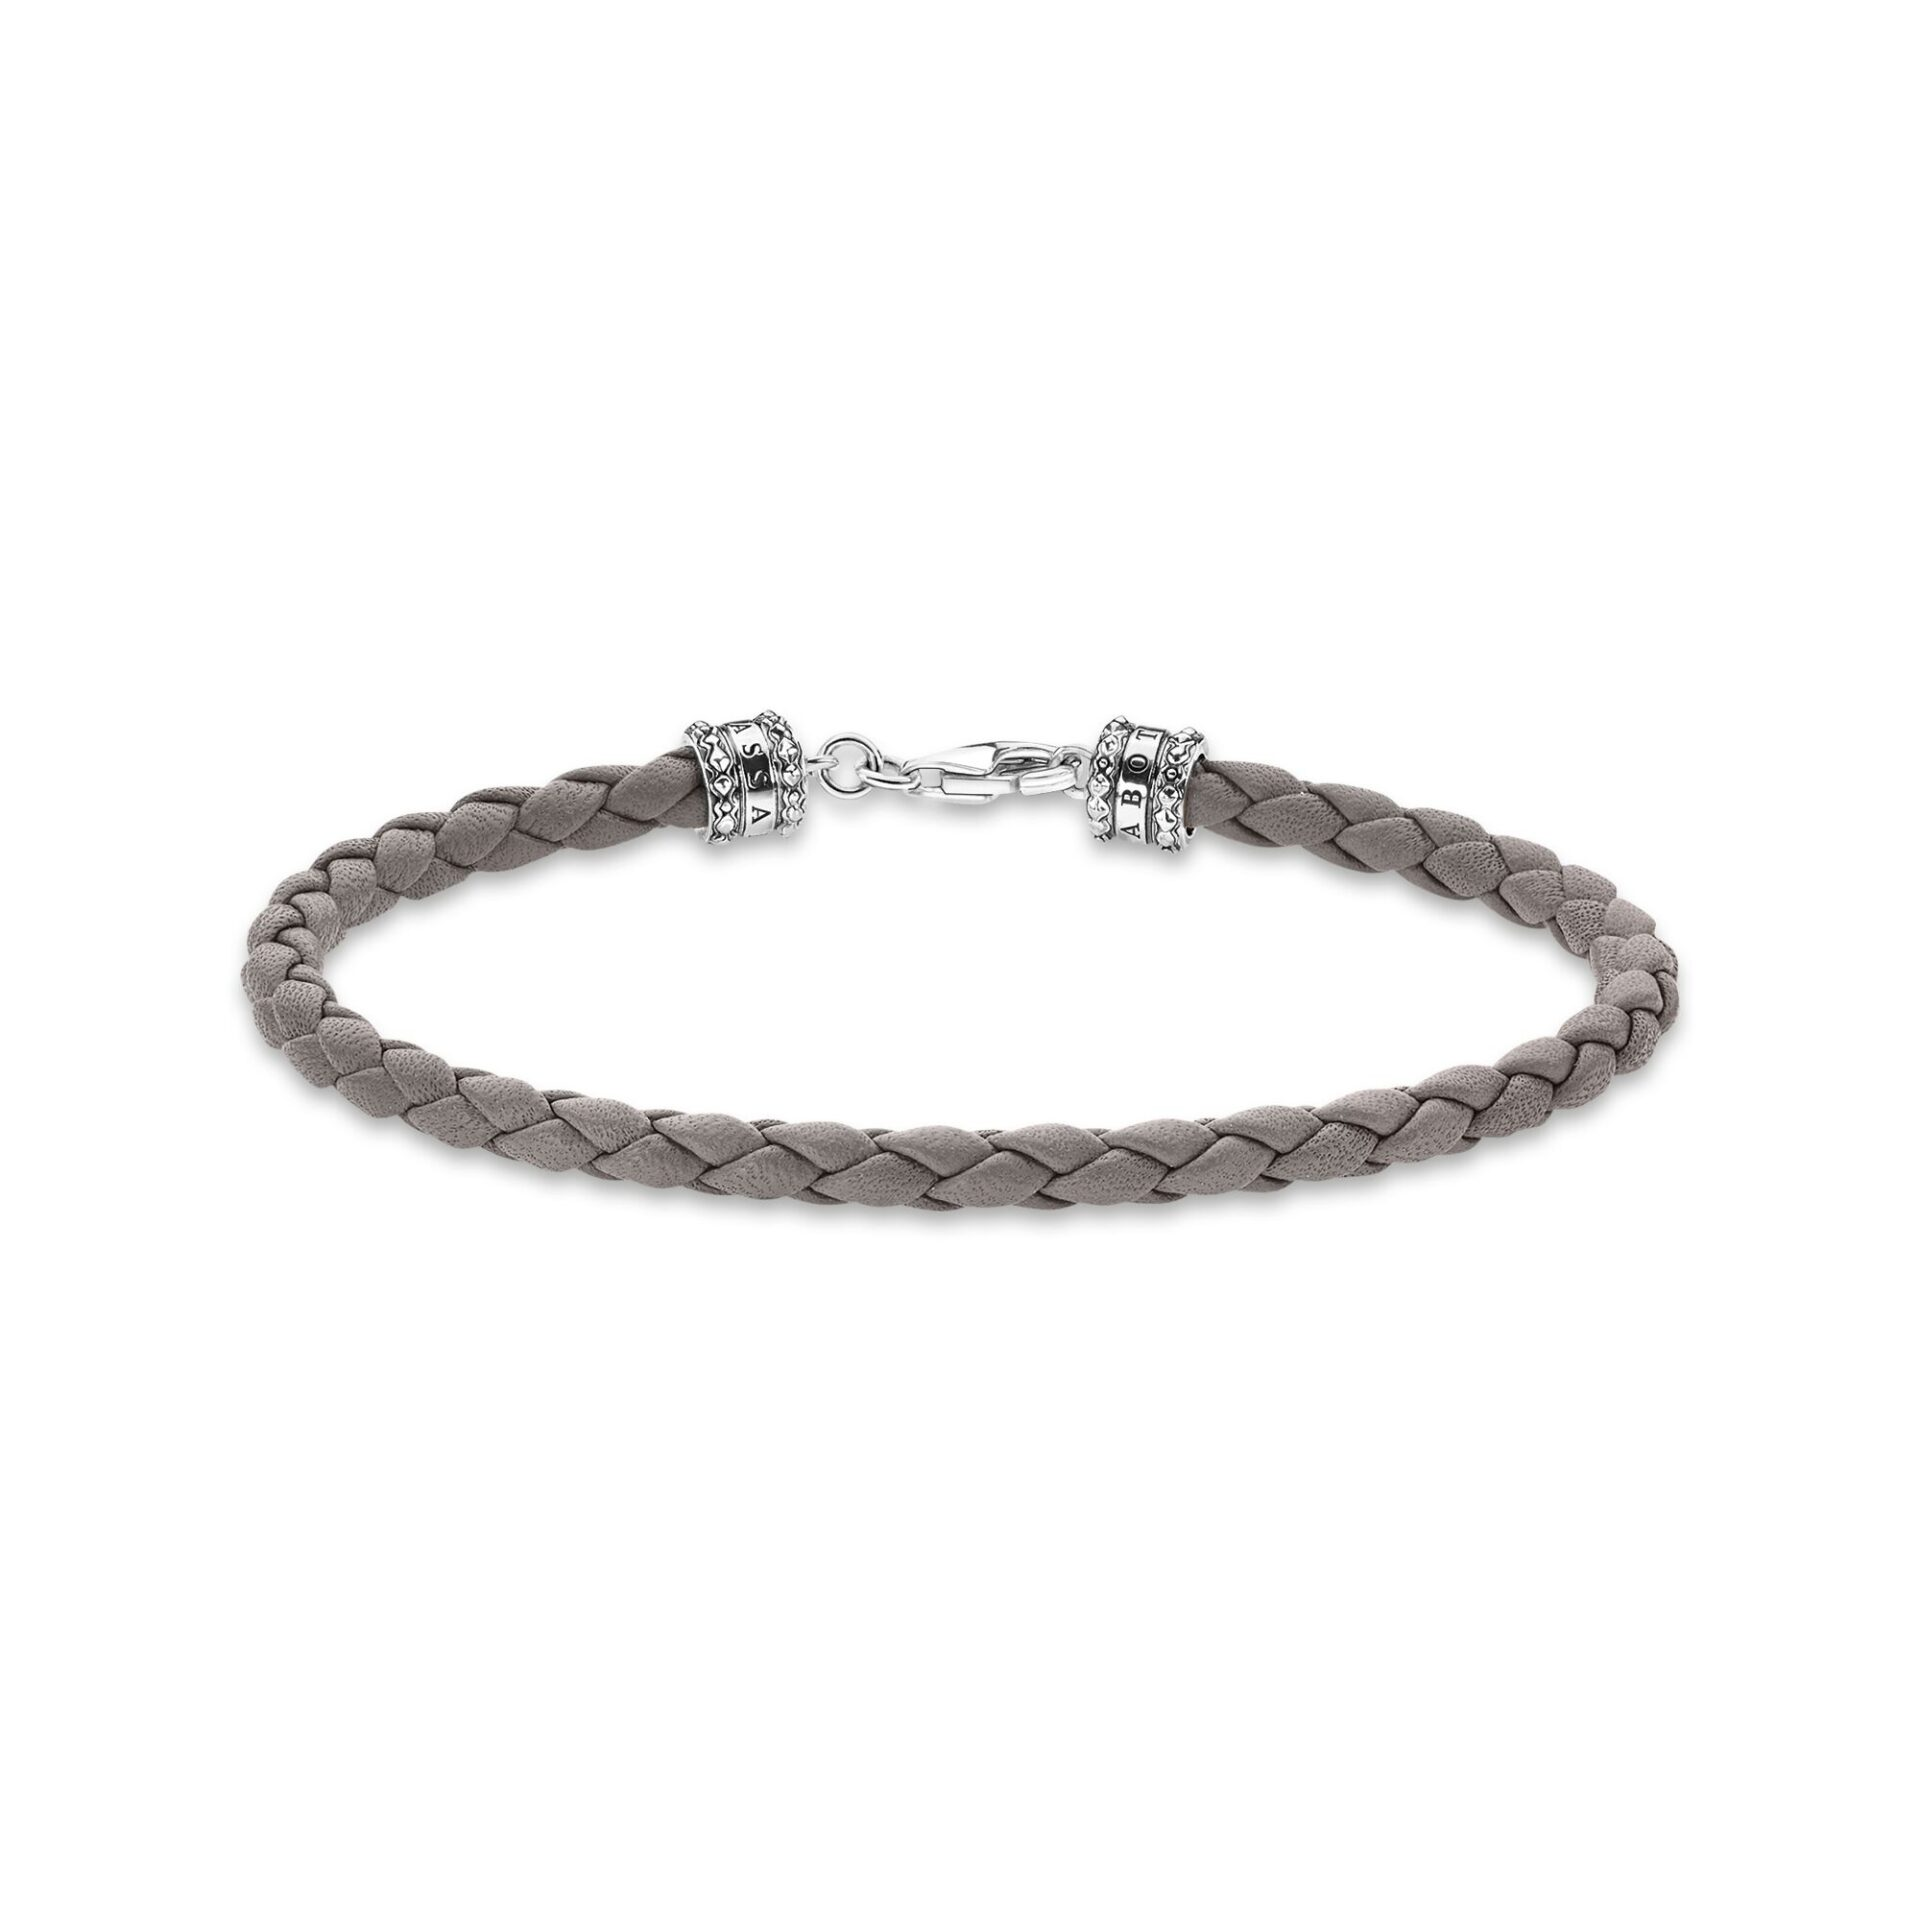 Bracelet en cuir tressé gris, Thomas Sabo